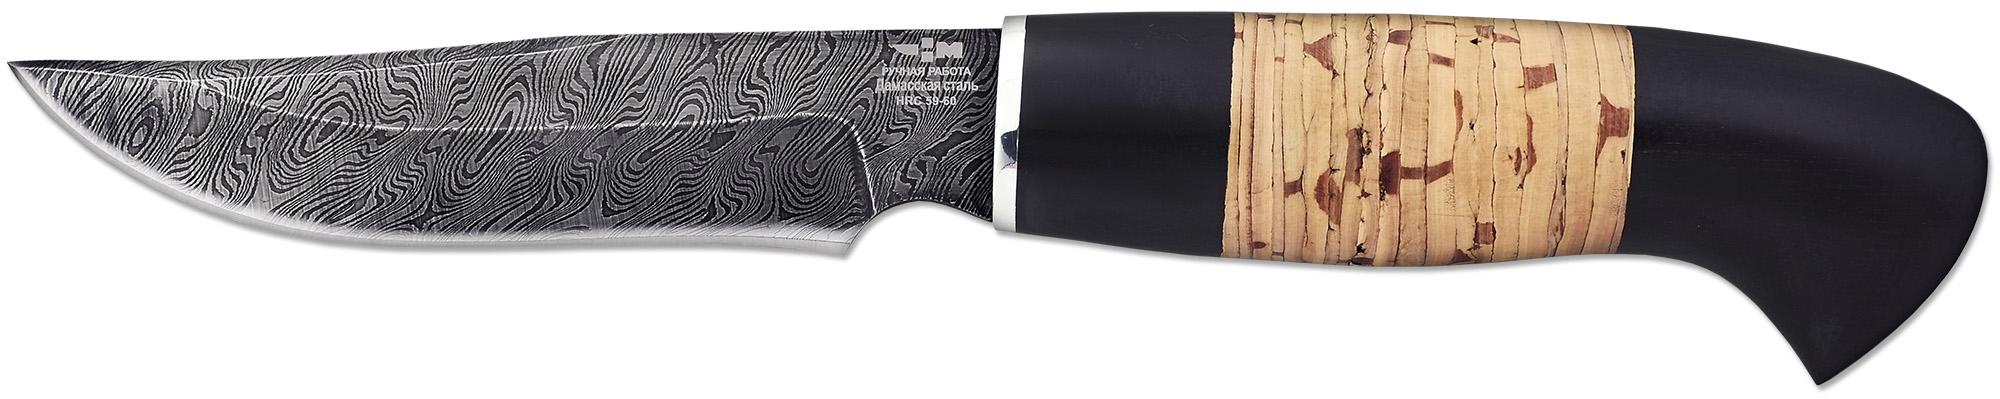 Нож ручной работы Ножемир Россия из дамасской стали ЖИГАН (2283)д